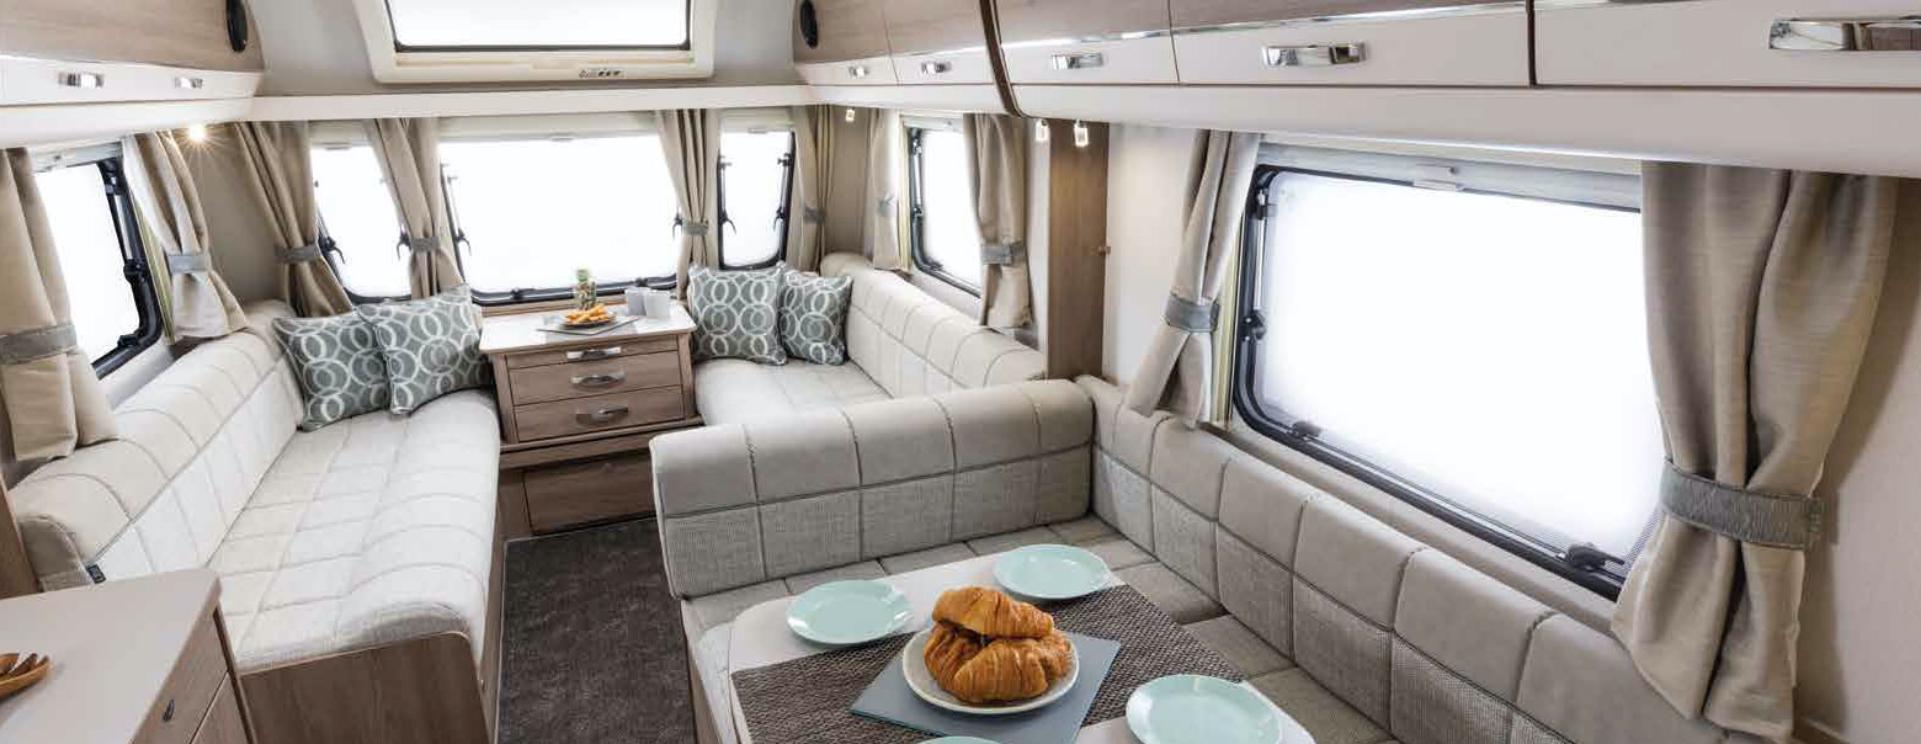 Compass Caravan Interiors